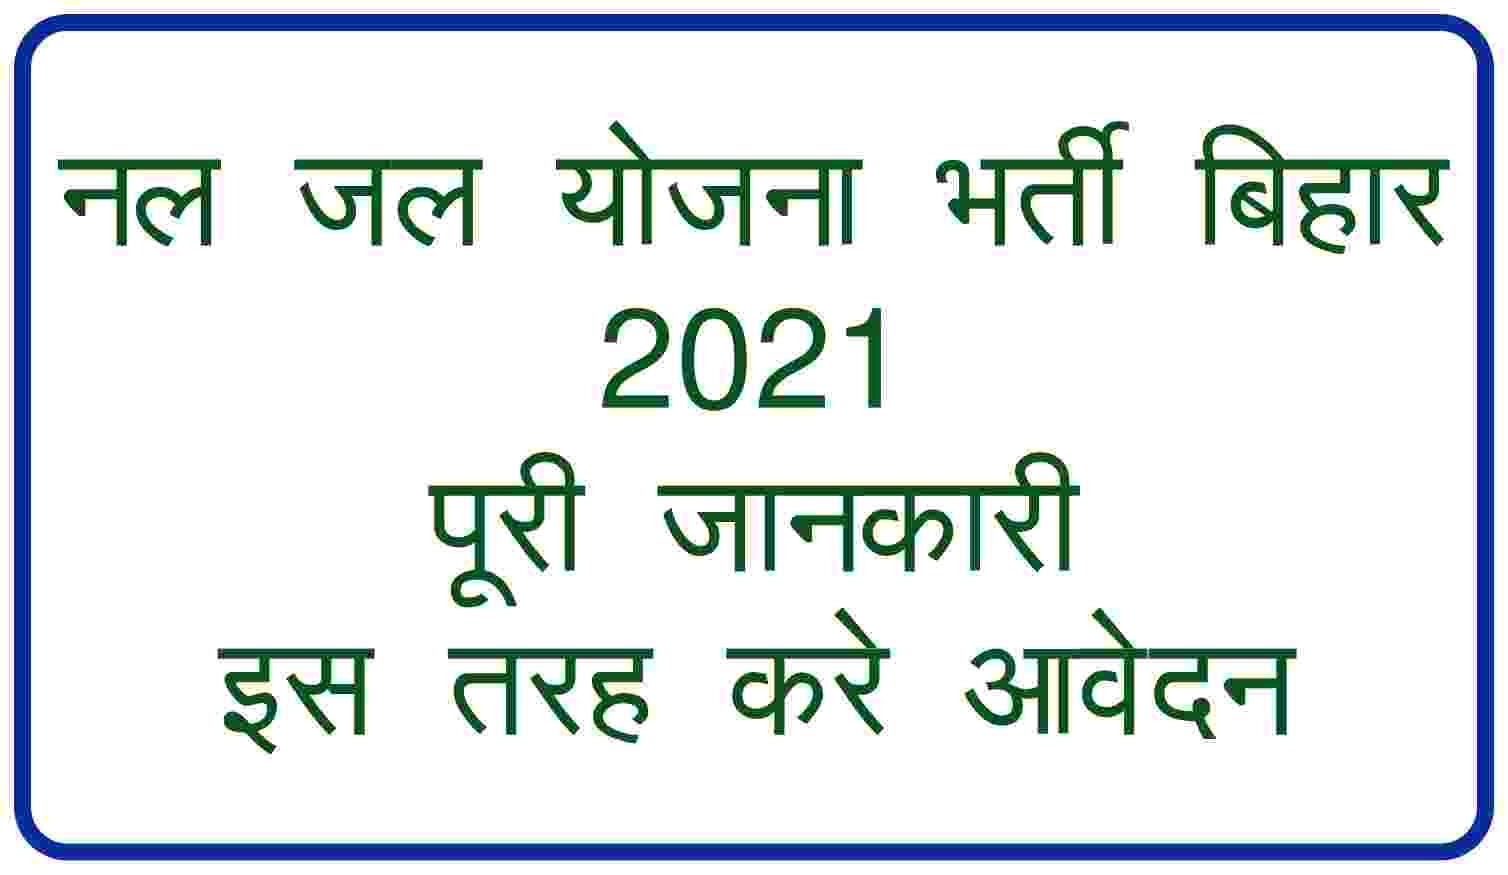 Naljal Yojana Bharti Bihar 2021